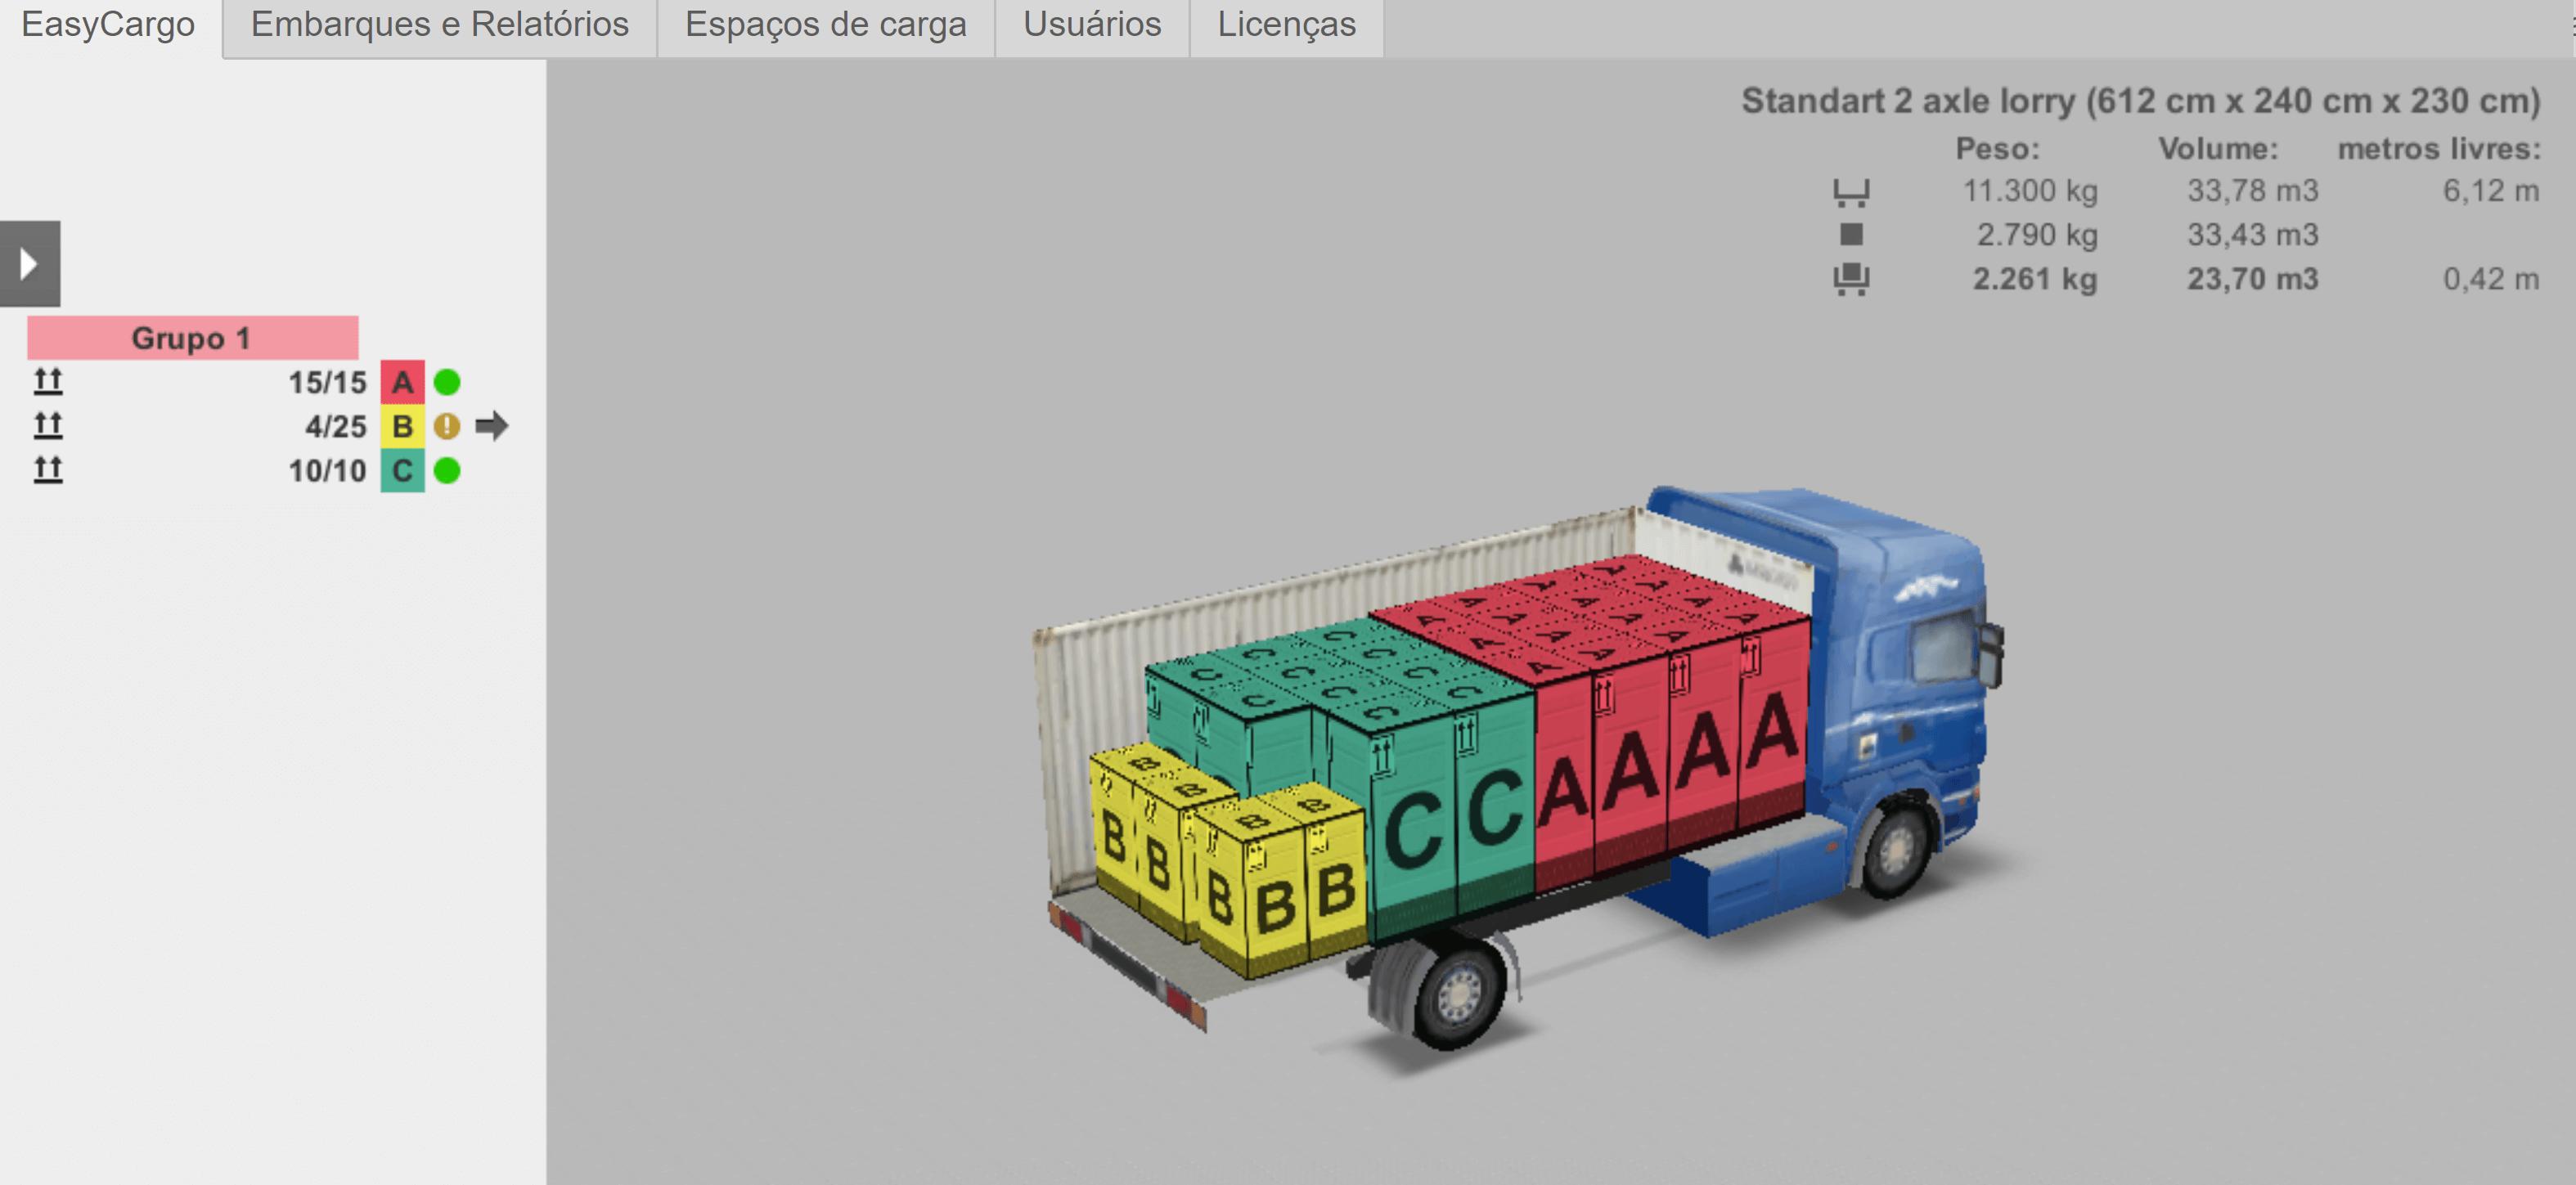 Você pode ampliar, girar e explorar seu plano de carga em detalhes